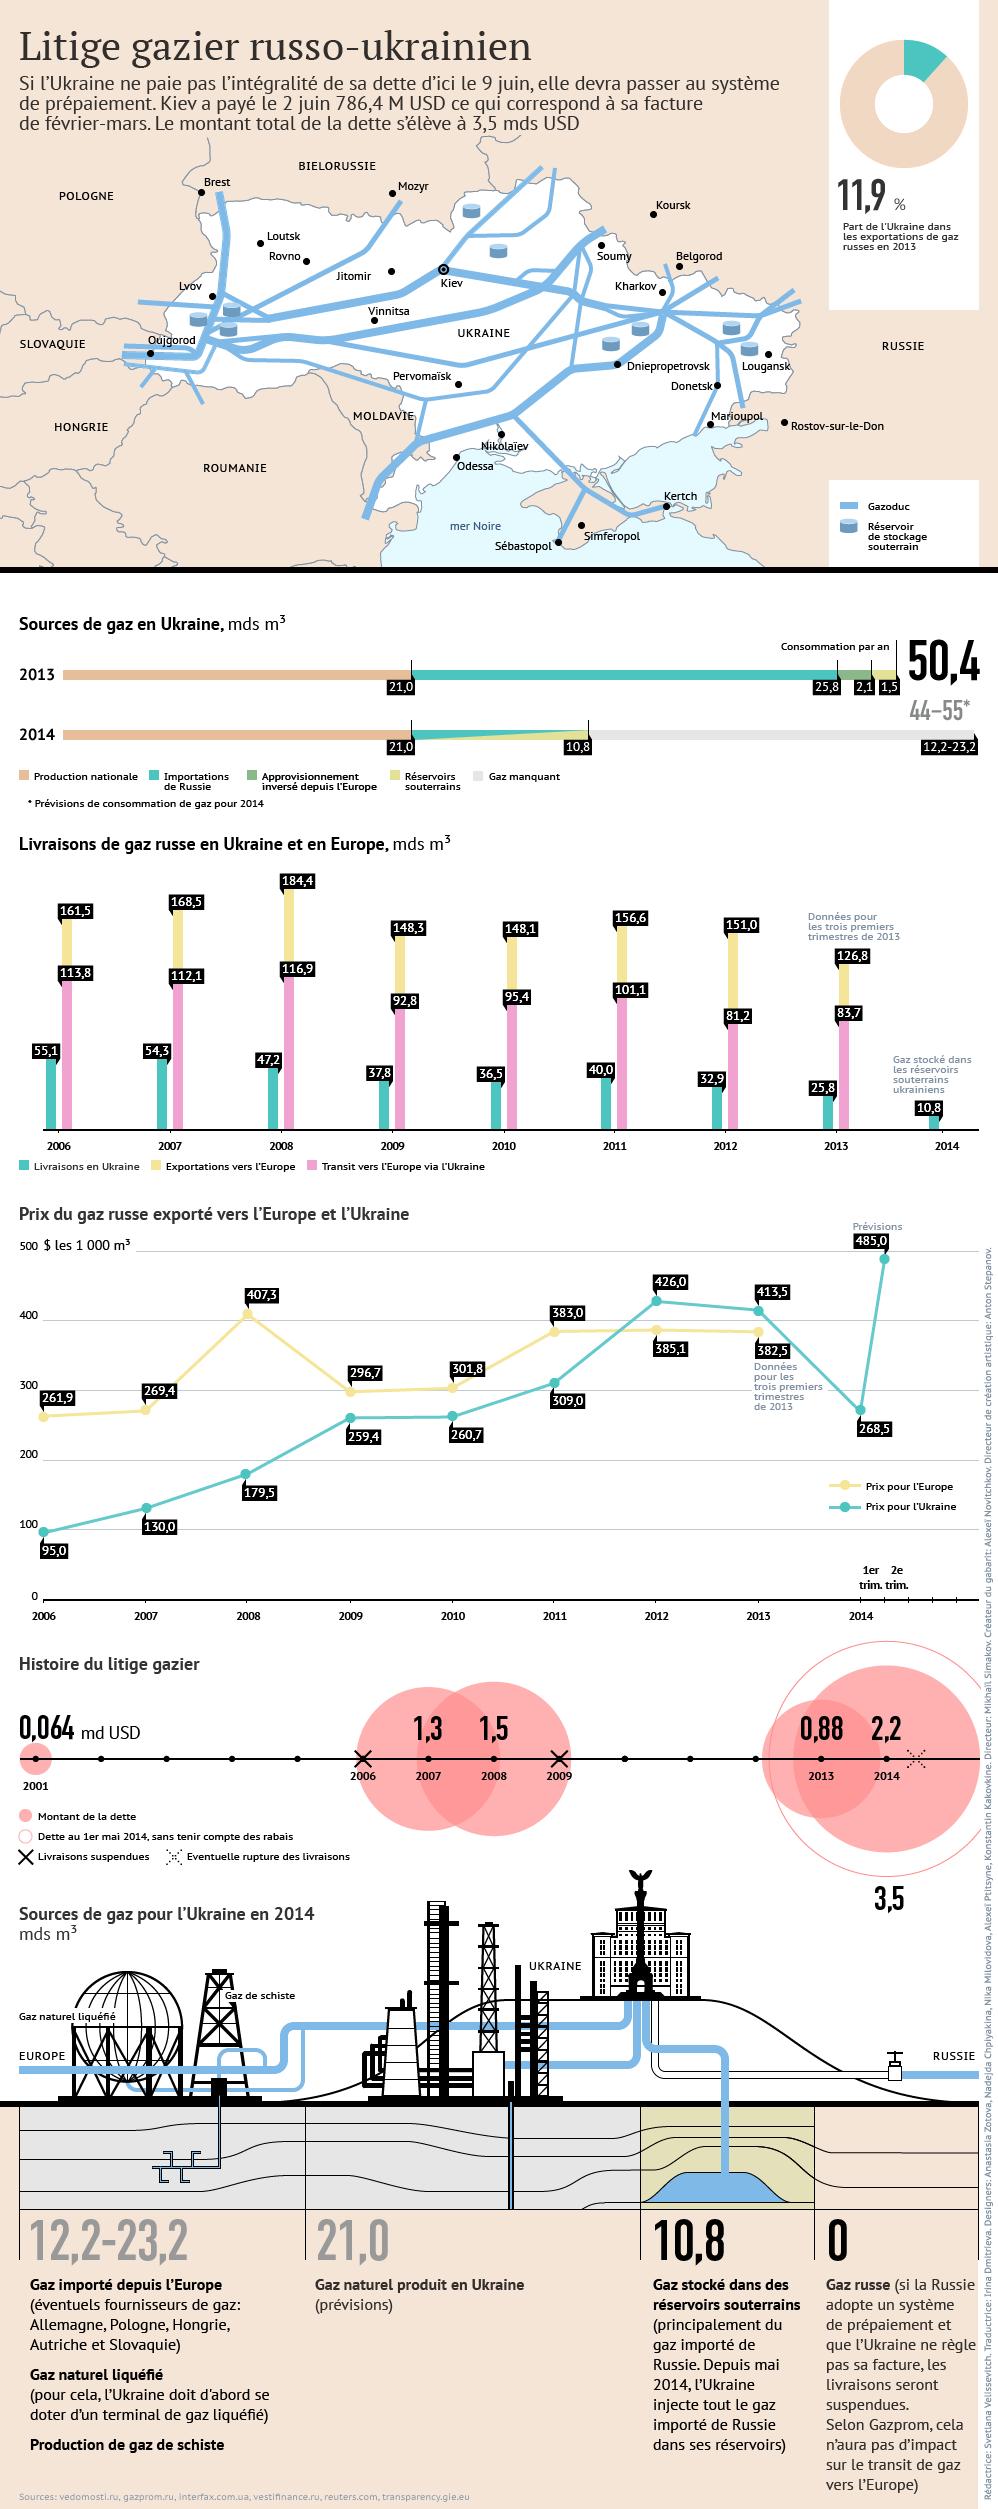 Litige gazier russo-ukrainien: risque de rupture des livraisons